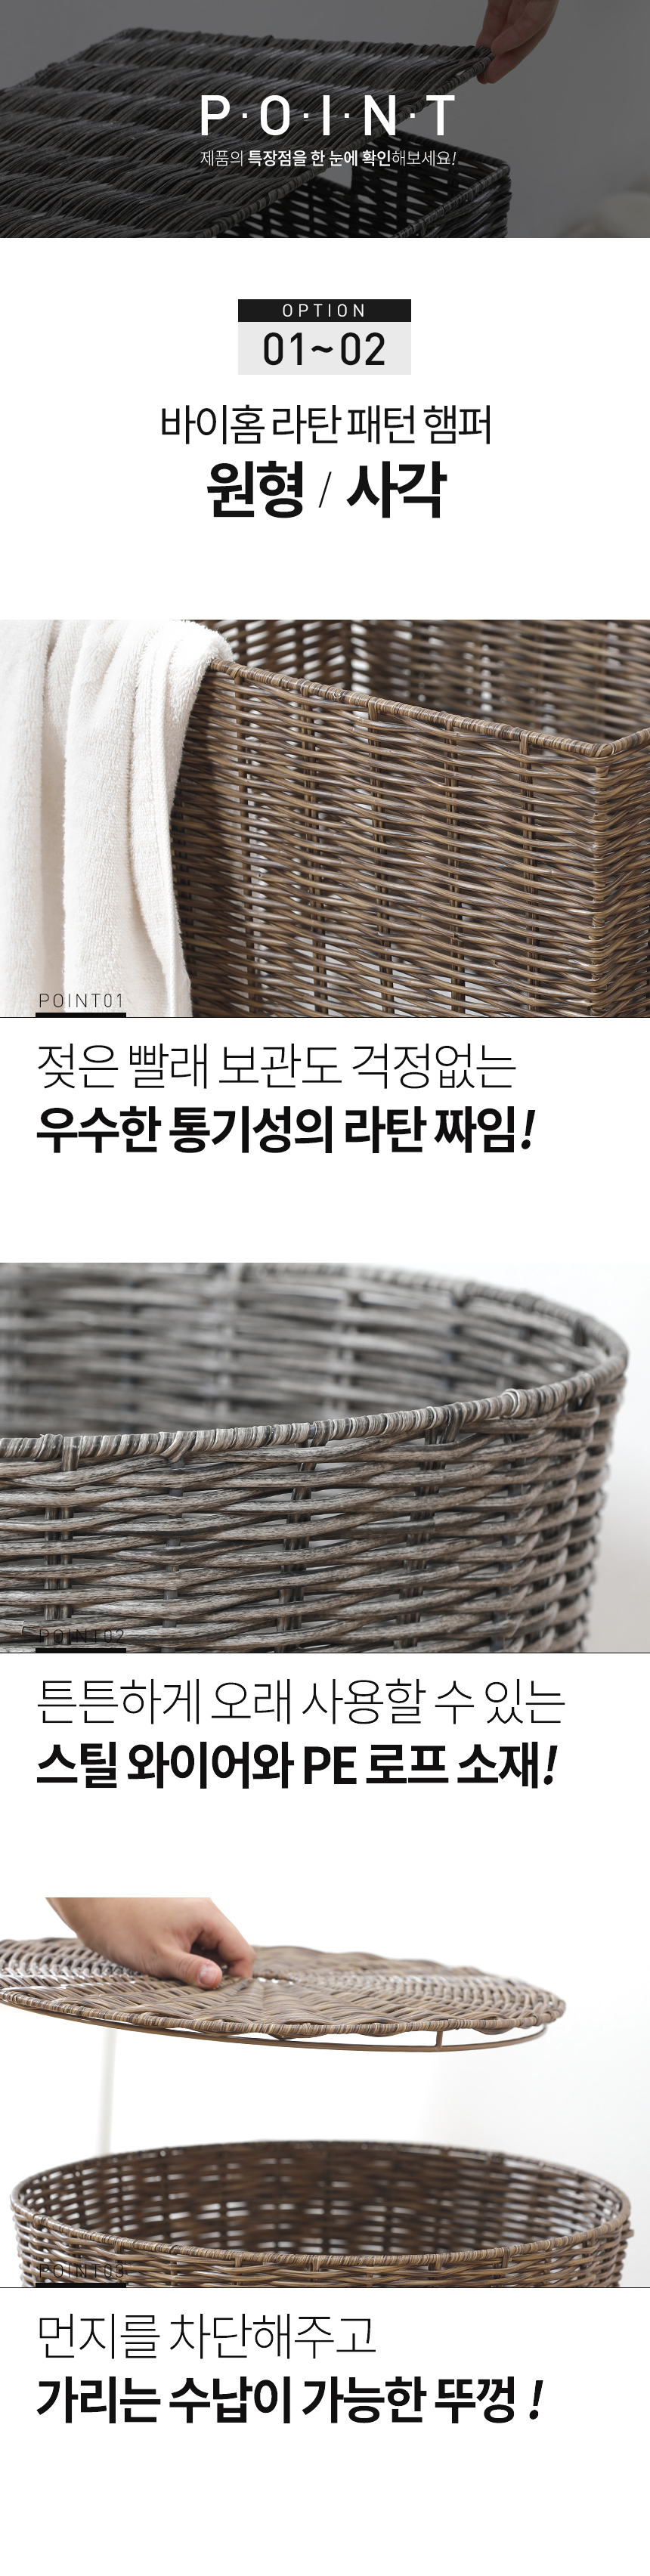 상페_원형사각모음전